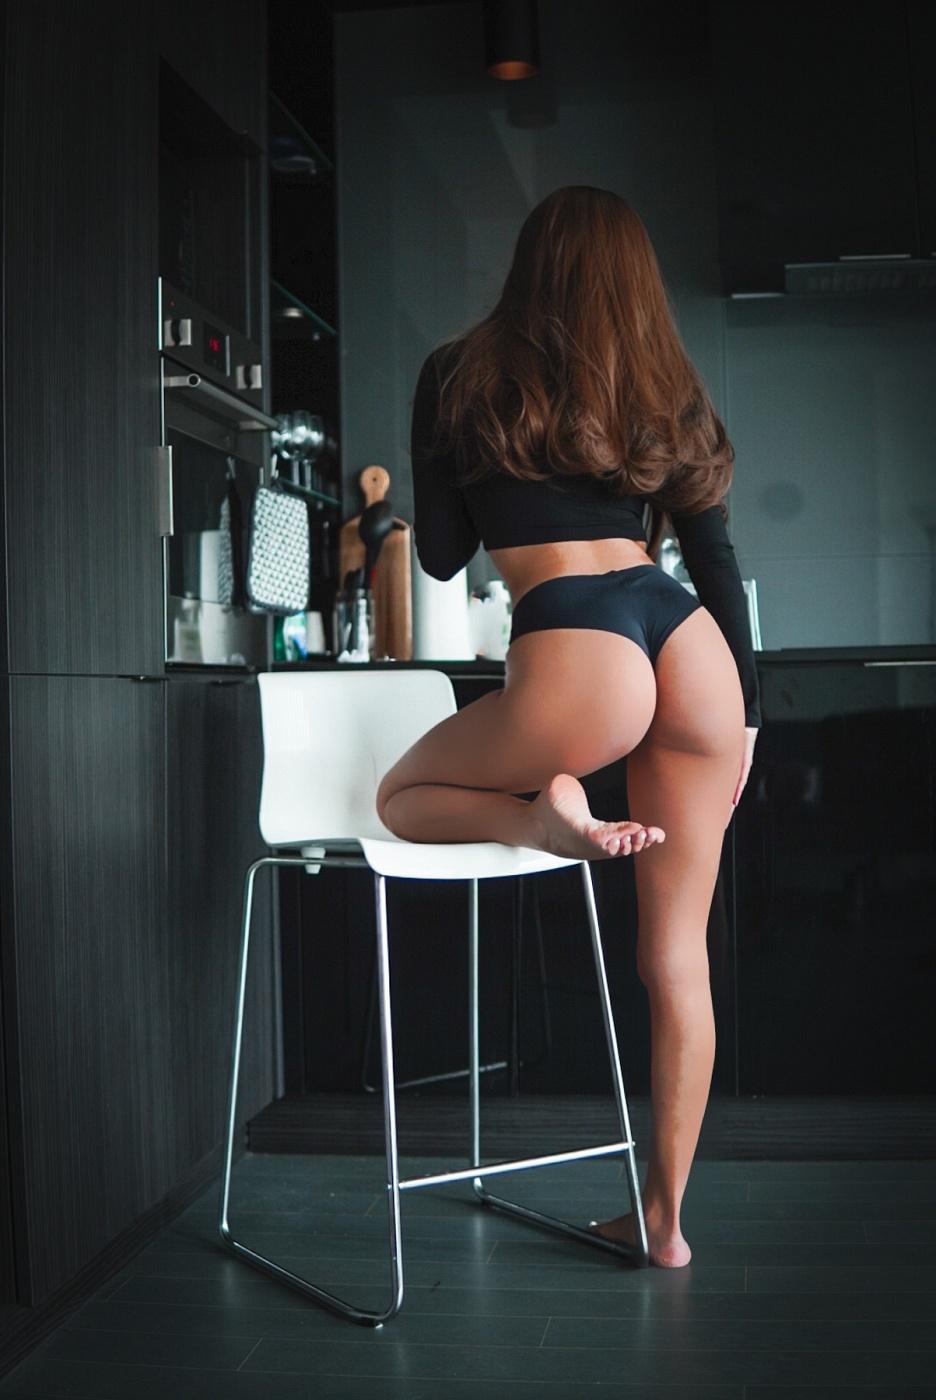 Giselle Rio